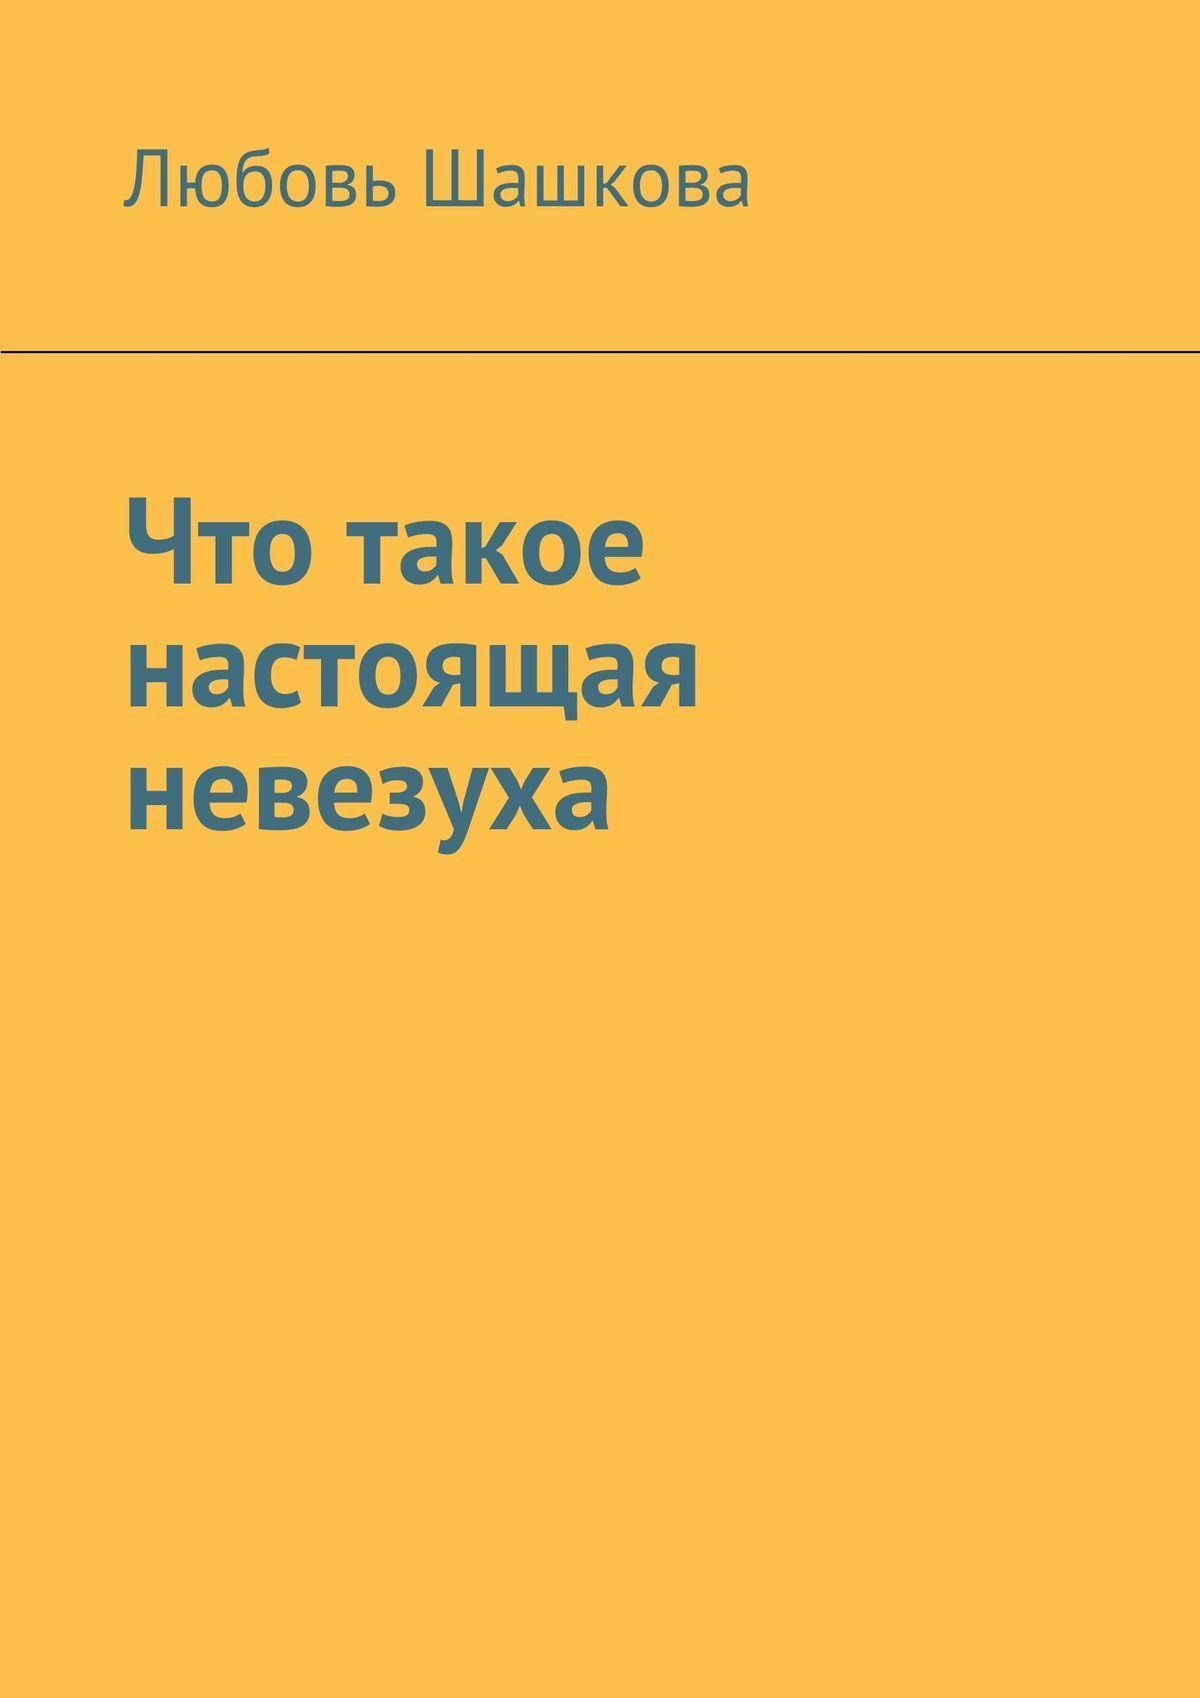 Любовь Шашкова бесплатно